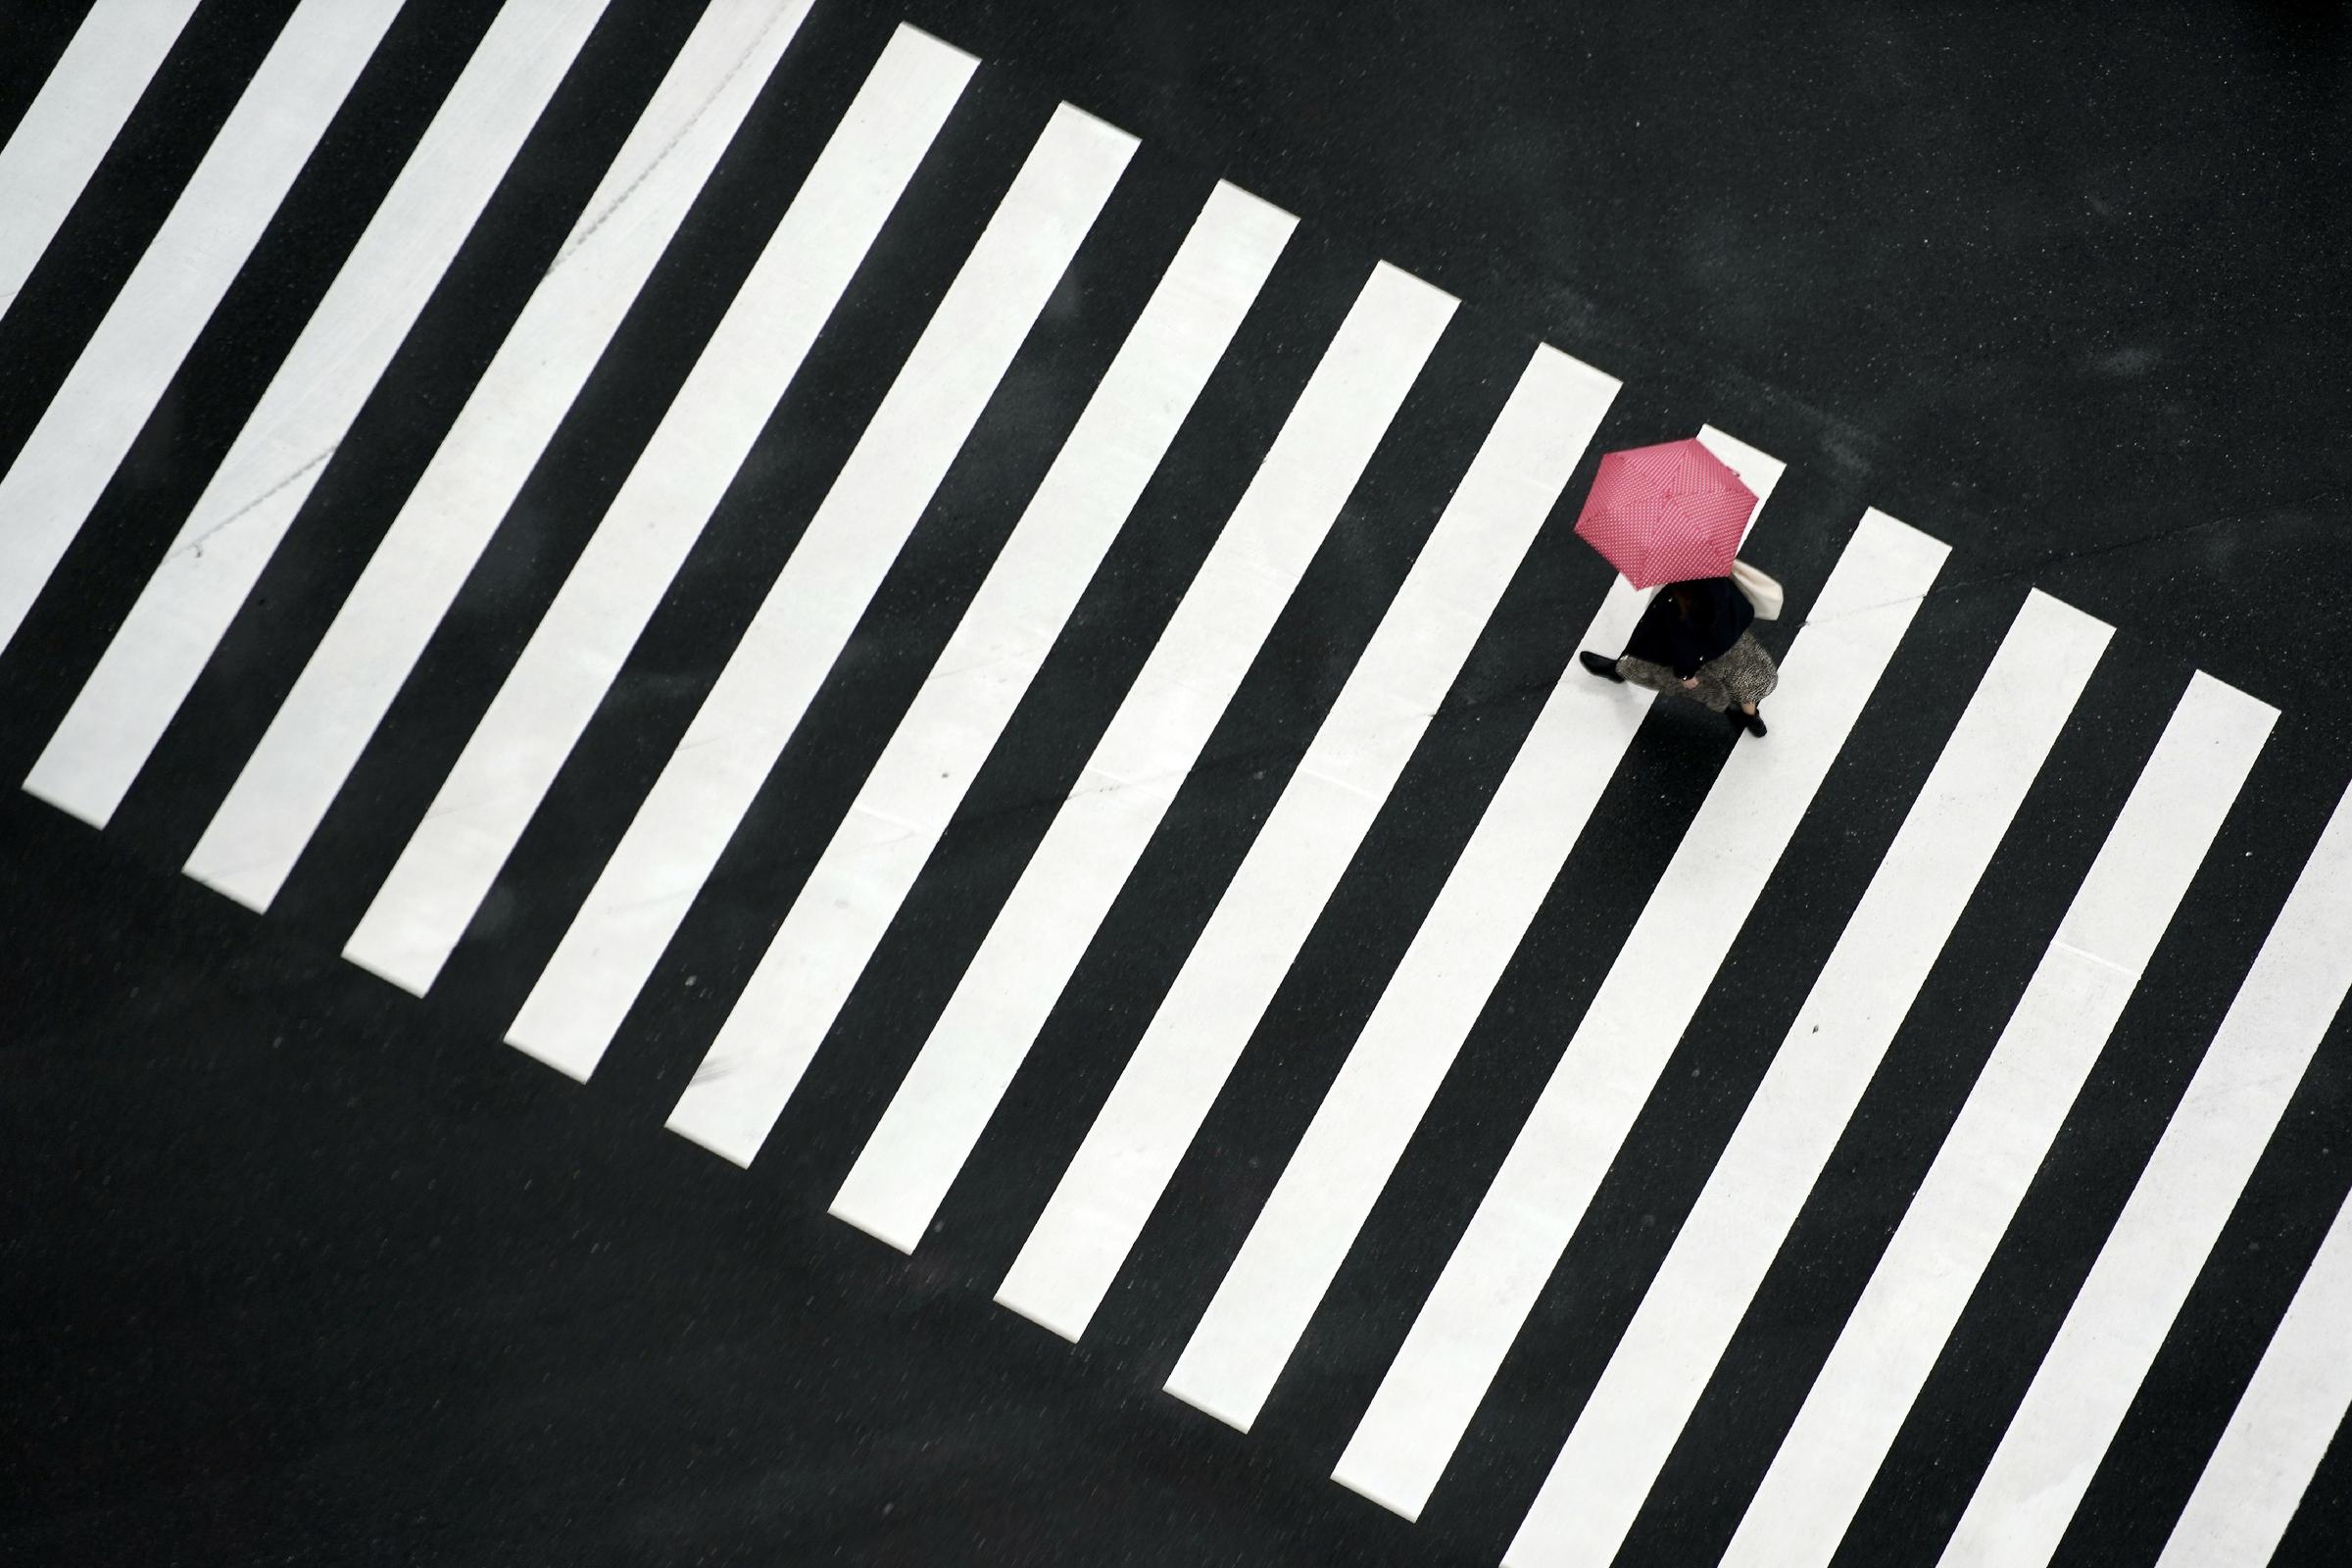 Giappone: preoccupante aumento dei casi di suicidio